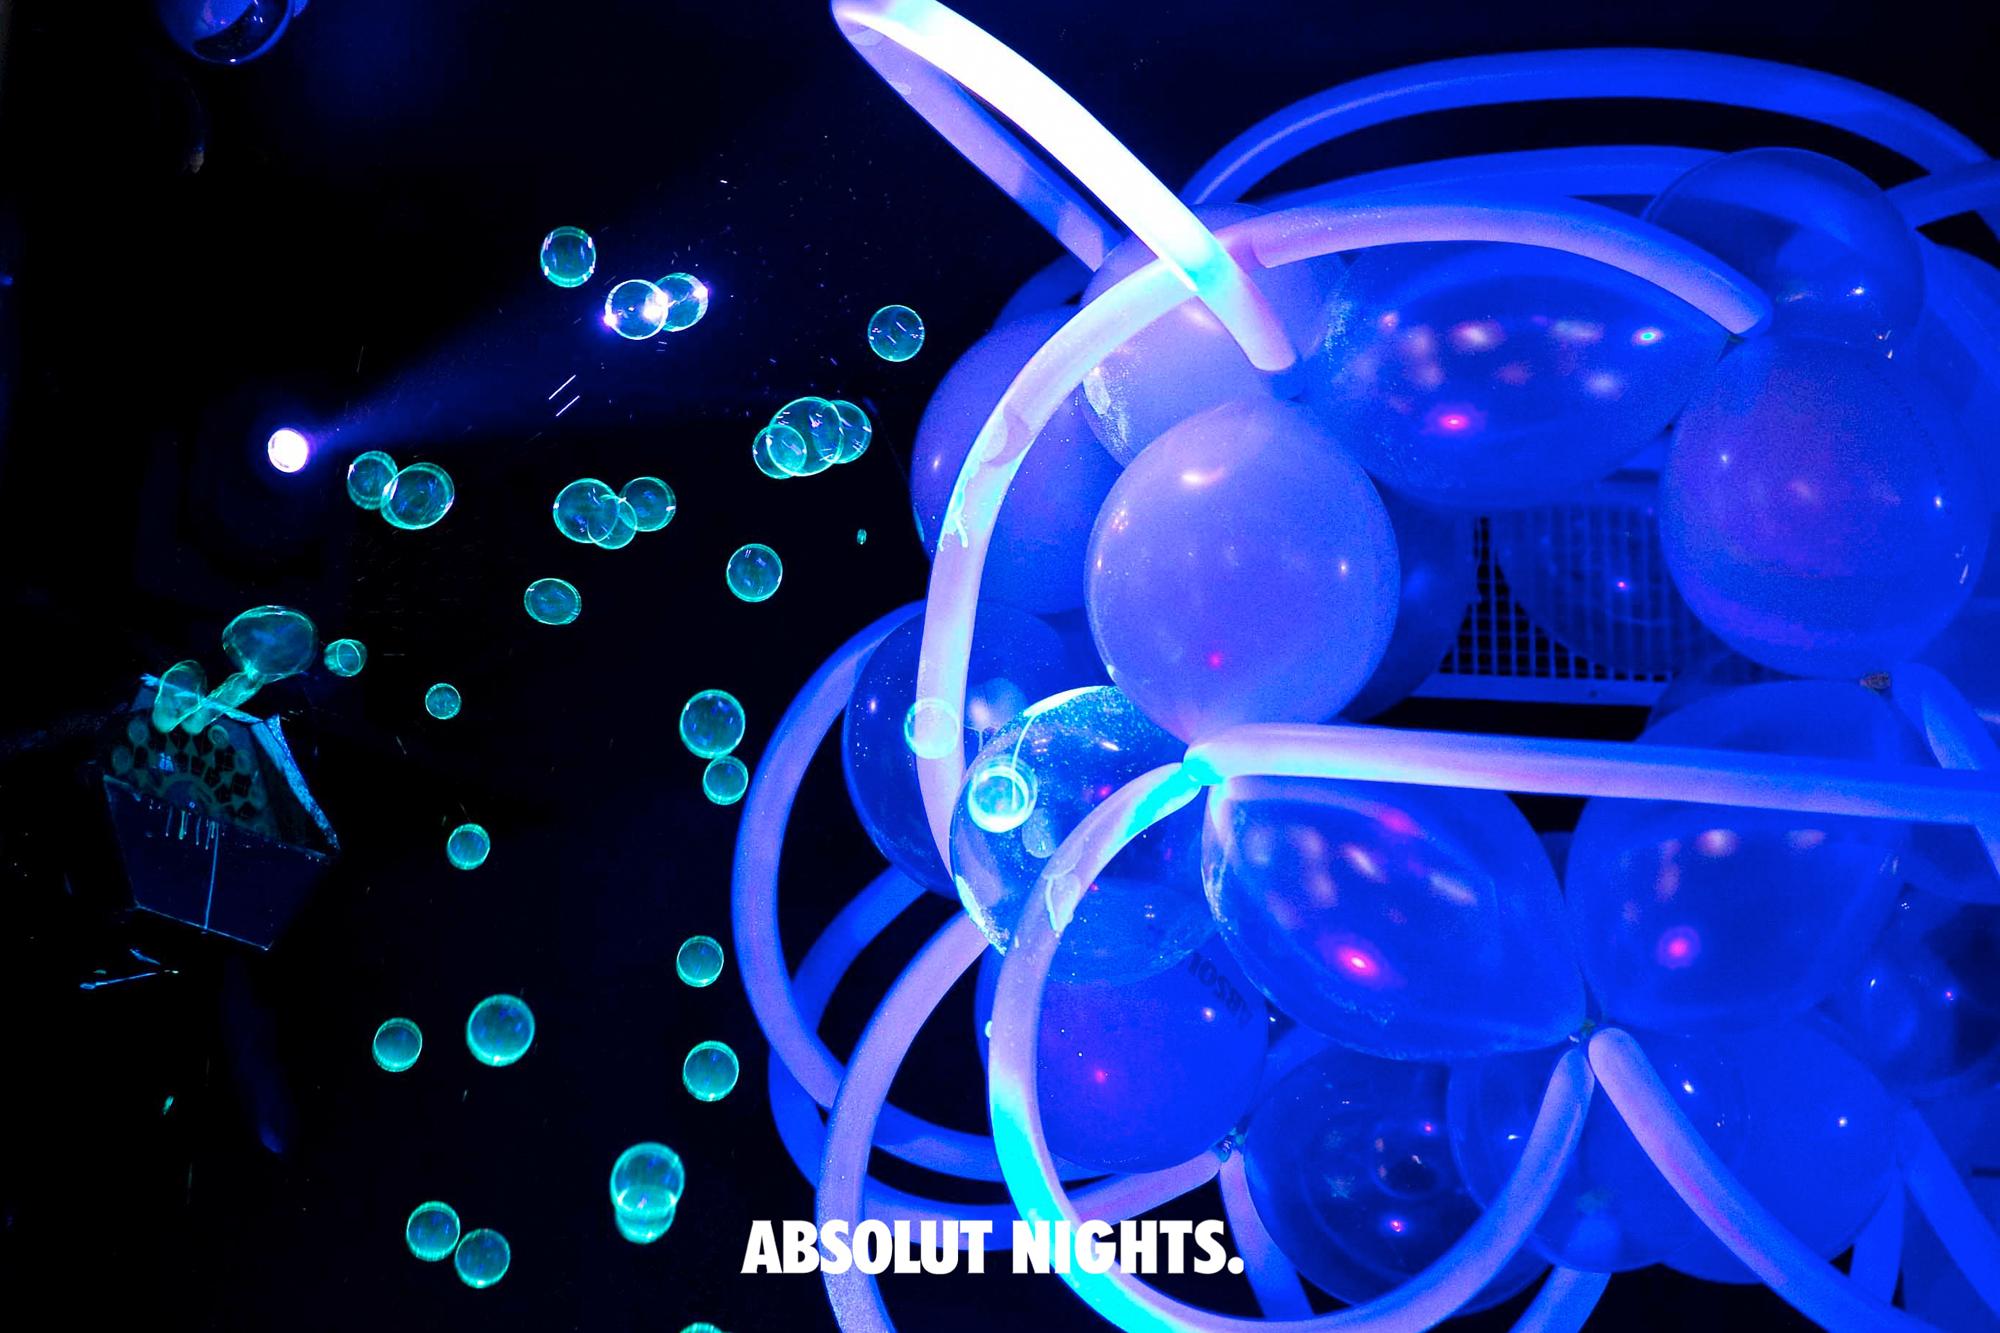 ABSOLUT Nights Events 2015 Balloon Art StilManipulation